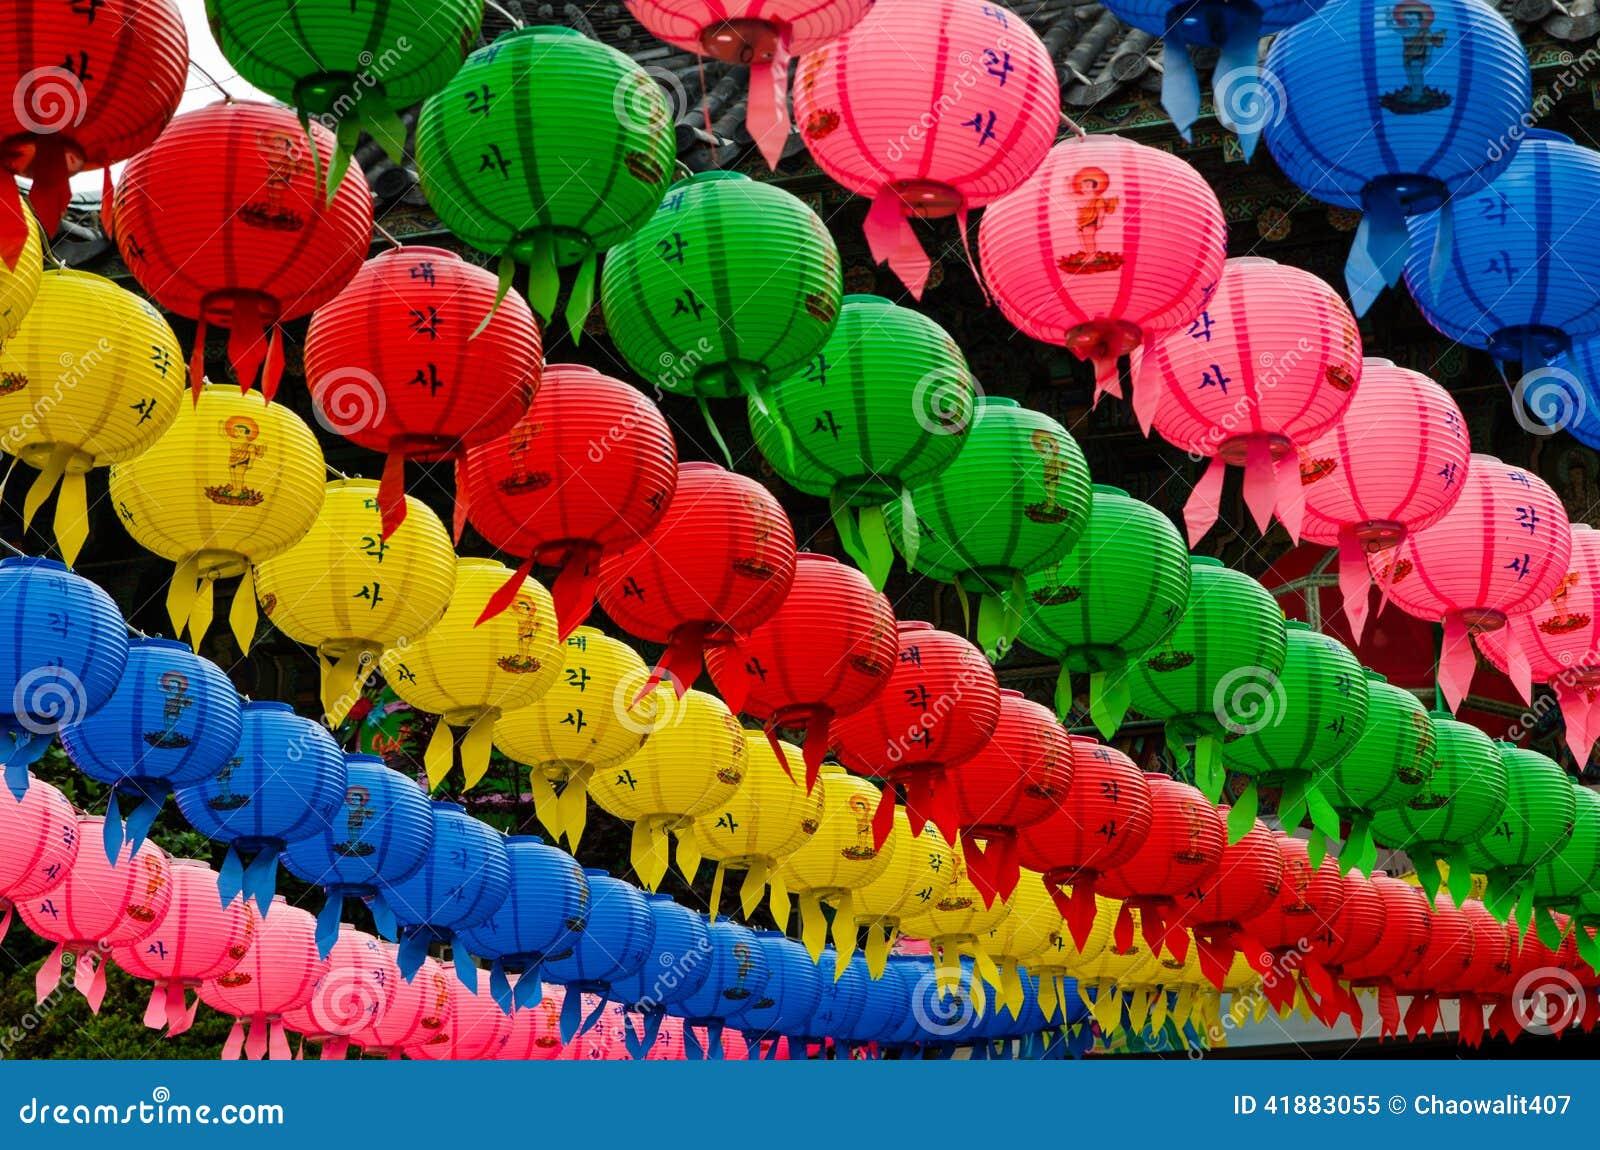 Korea lanterns